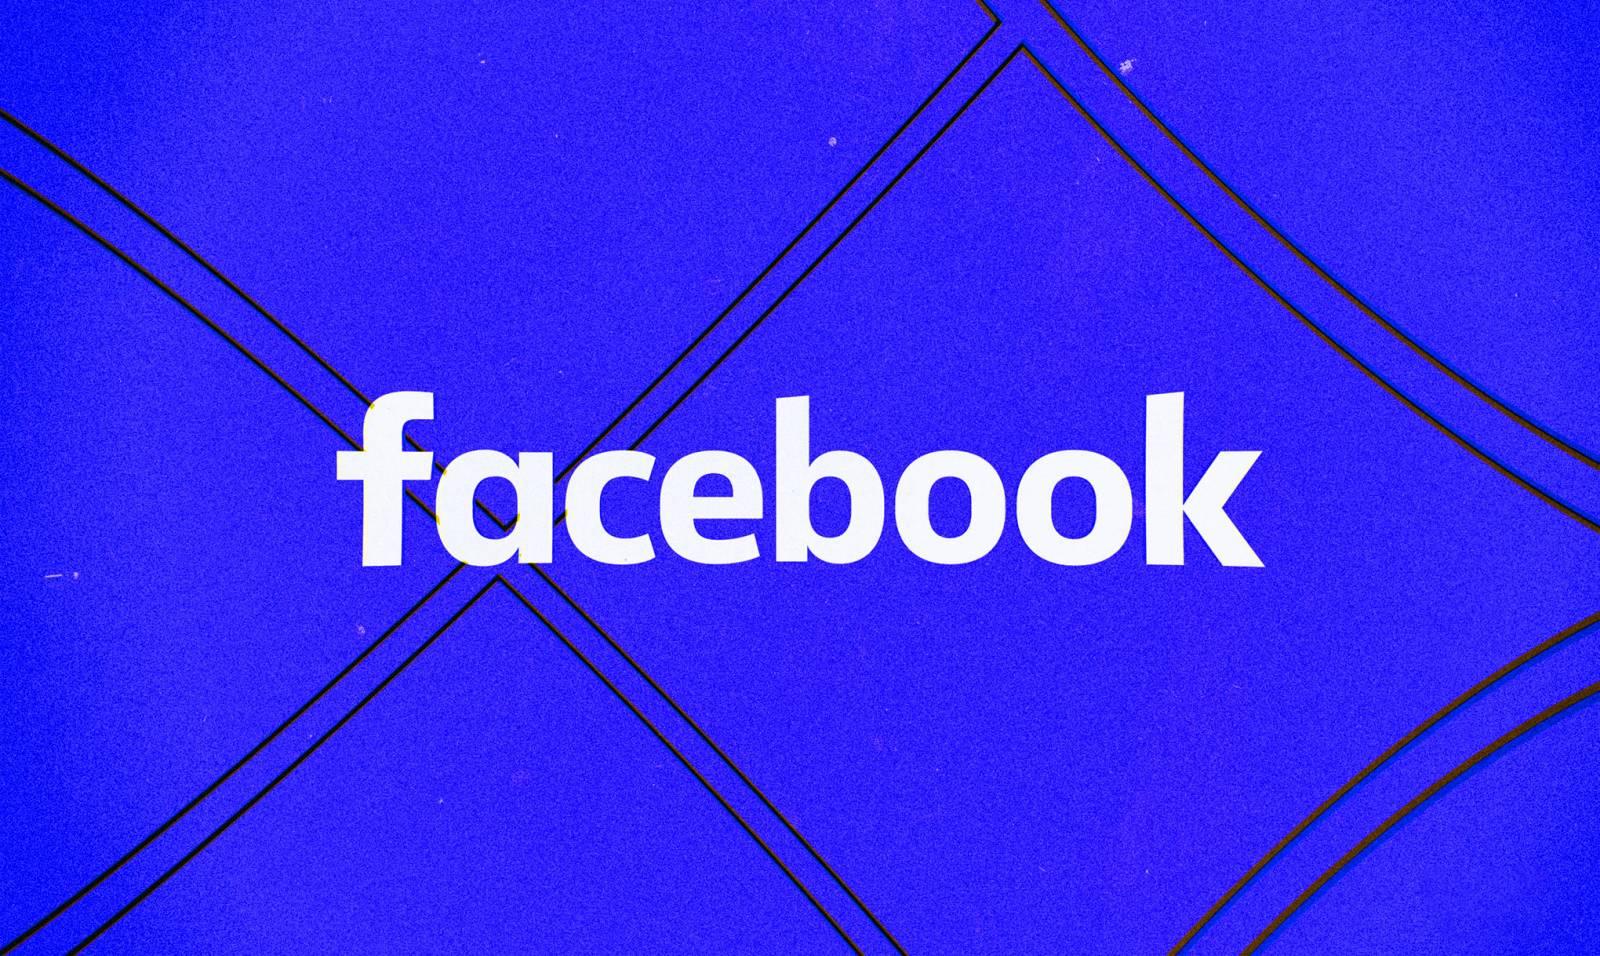 Facebook venue